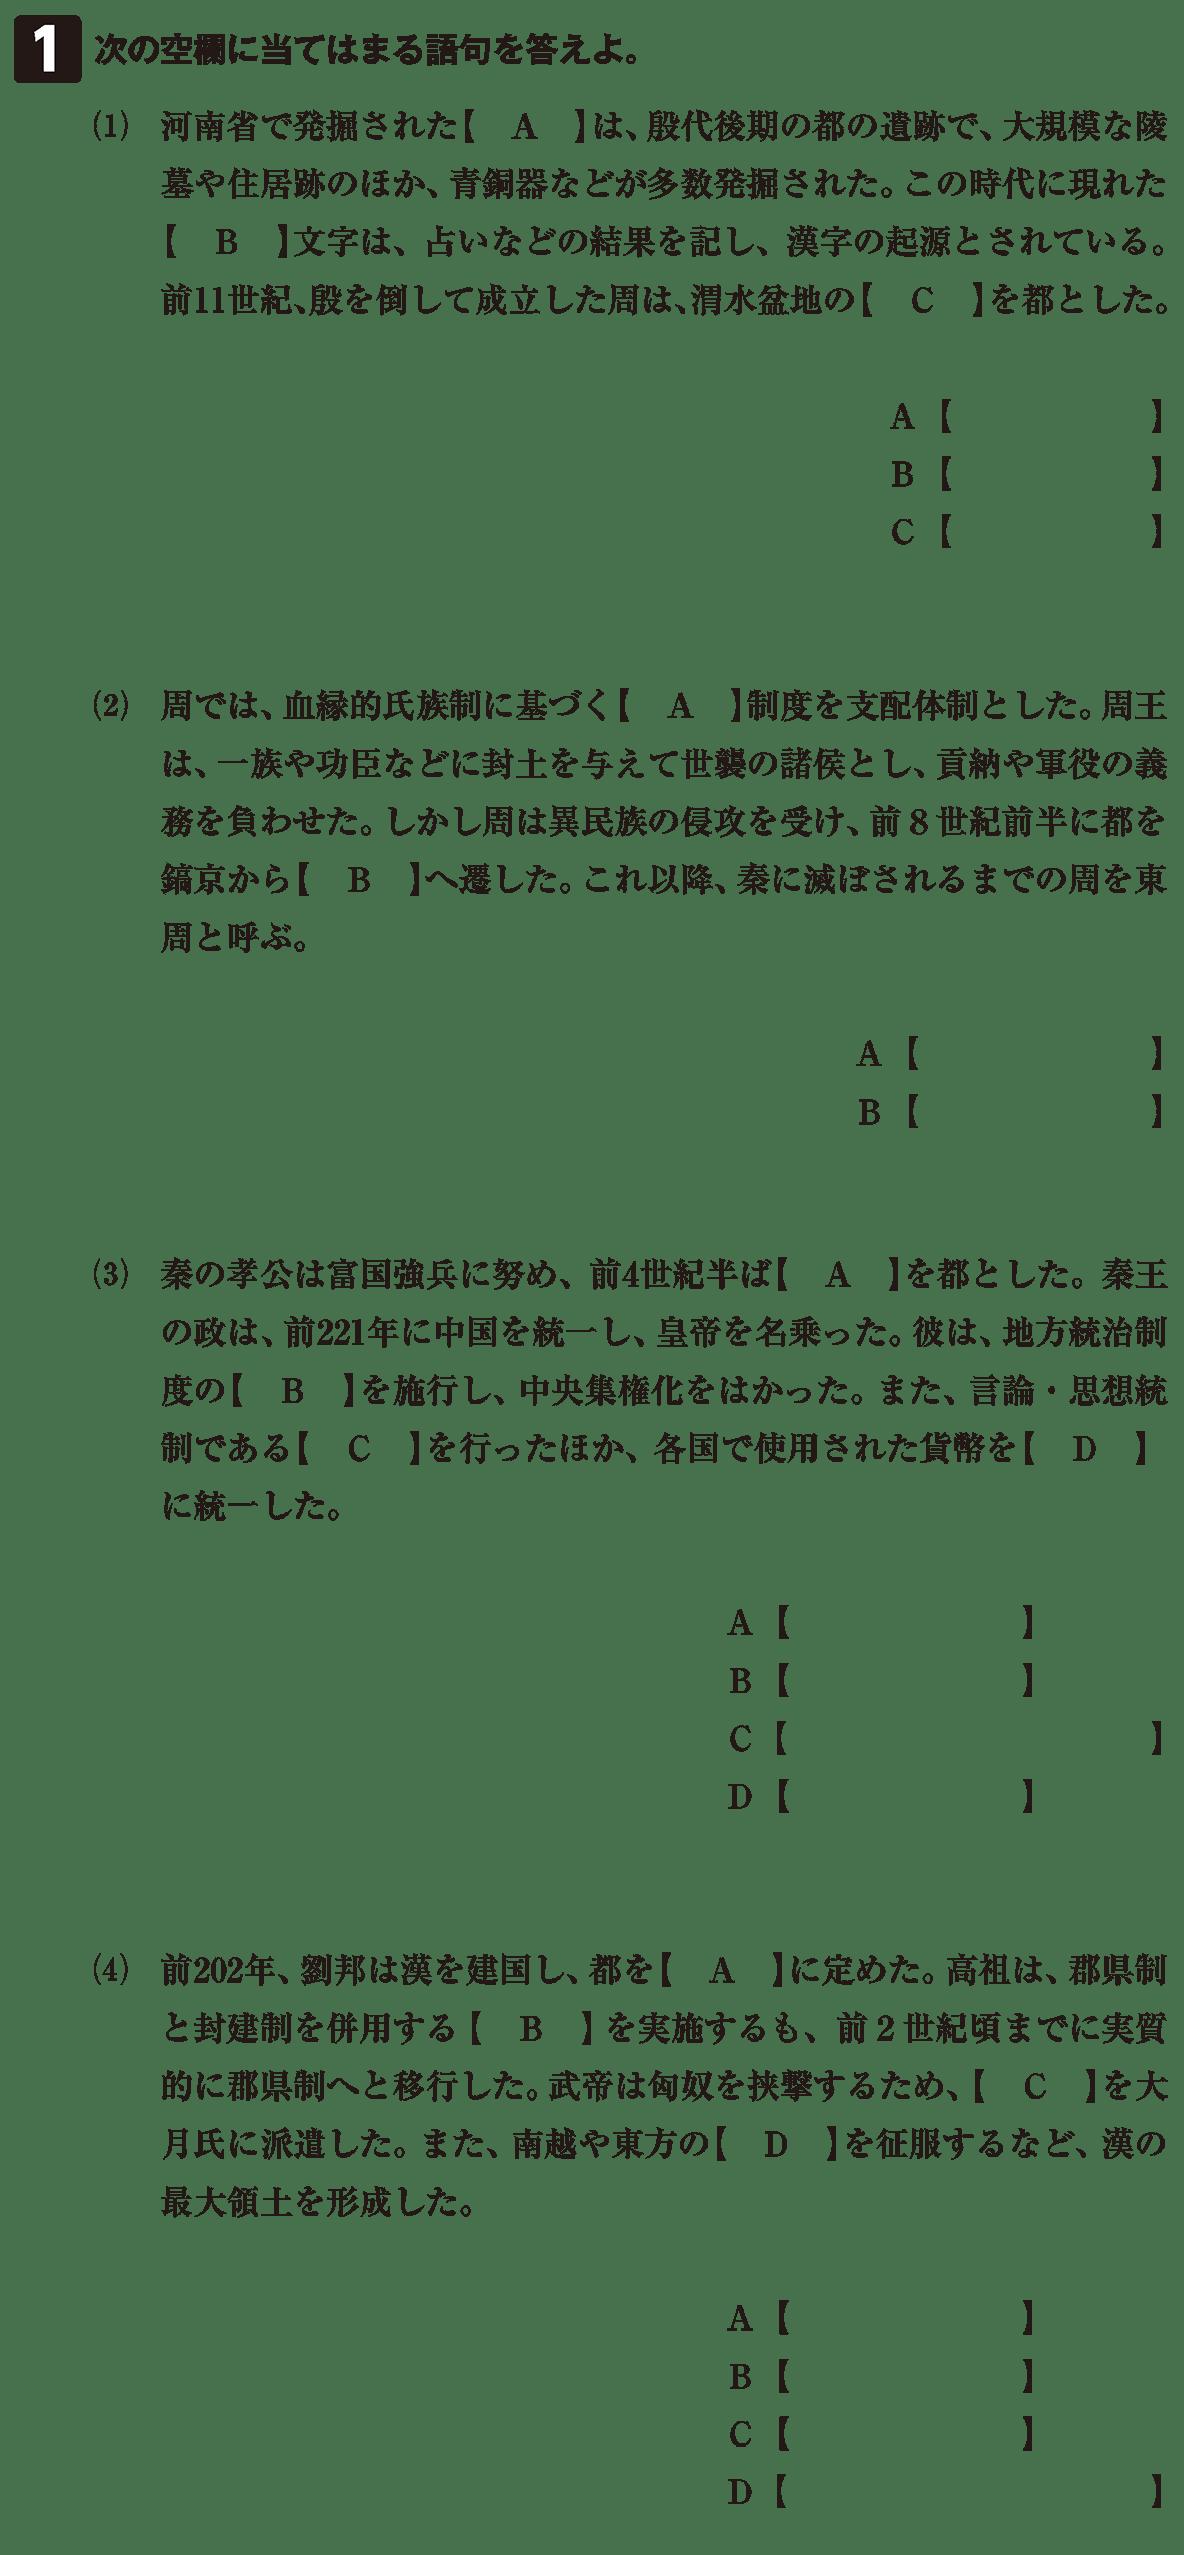 高校世界史 中国の古典文明6 確認テスト(前半)答え無し